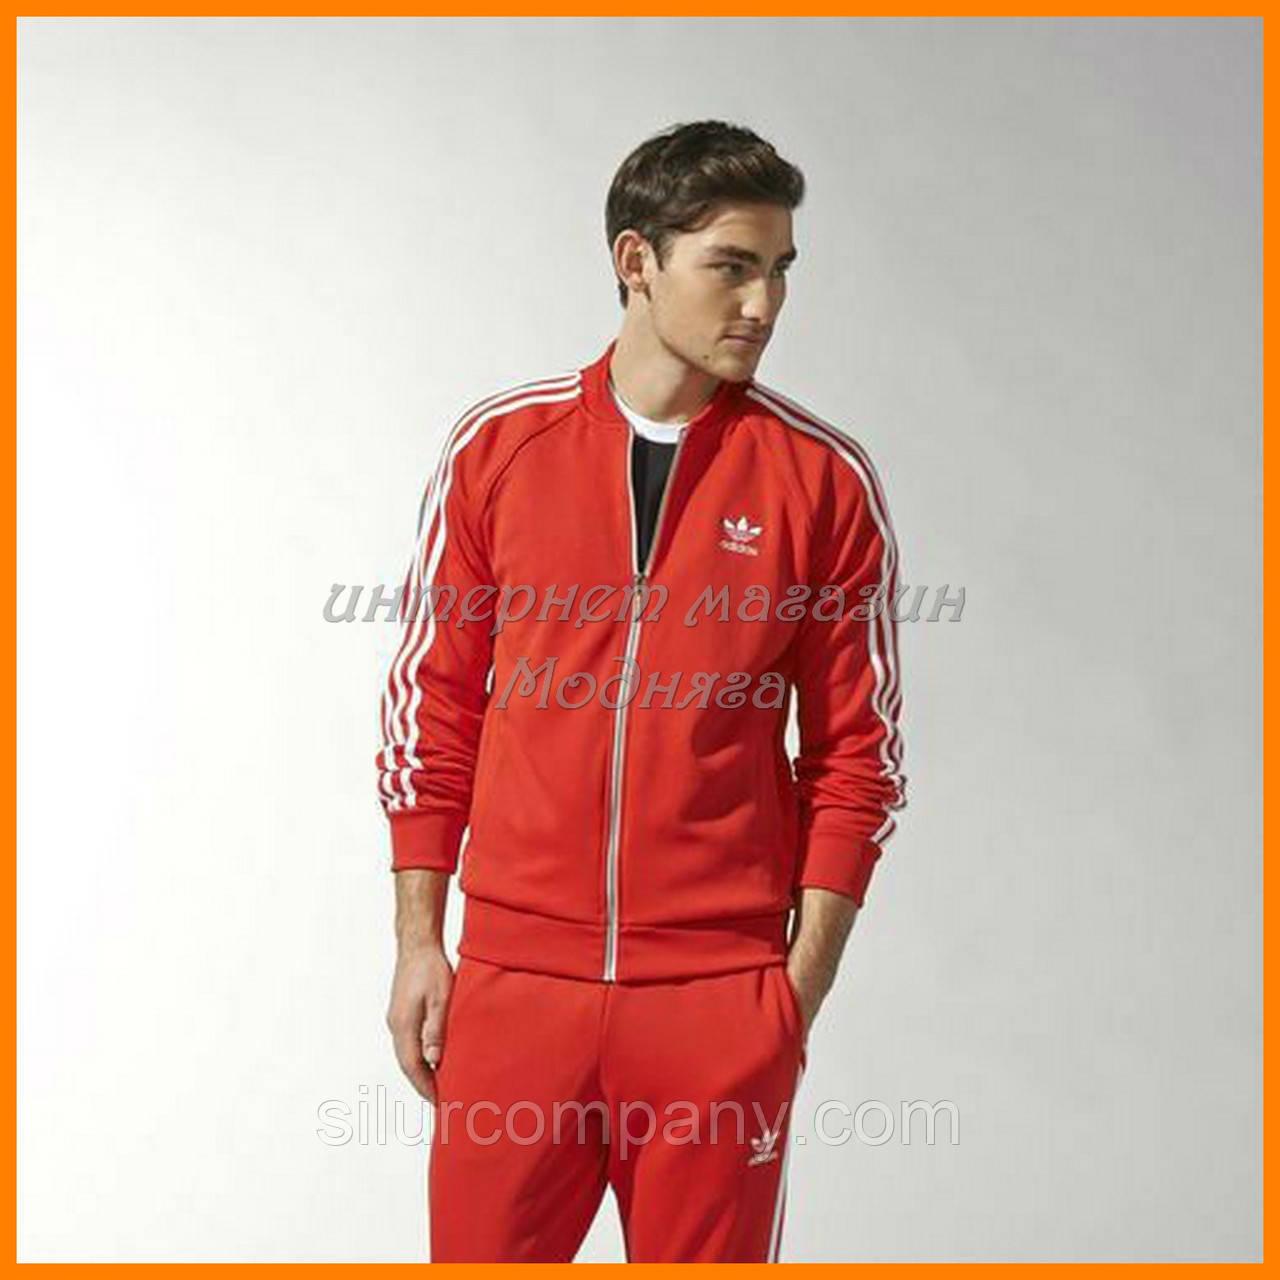 d2e8b280 Красный костюм адидас мужской | Костюм мужской трикотажный - Интернет  магазин